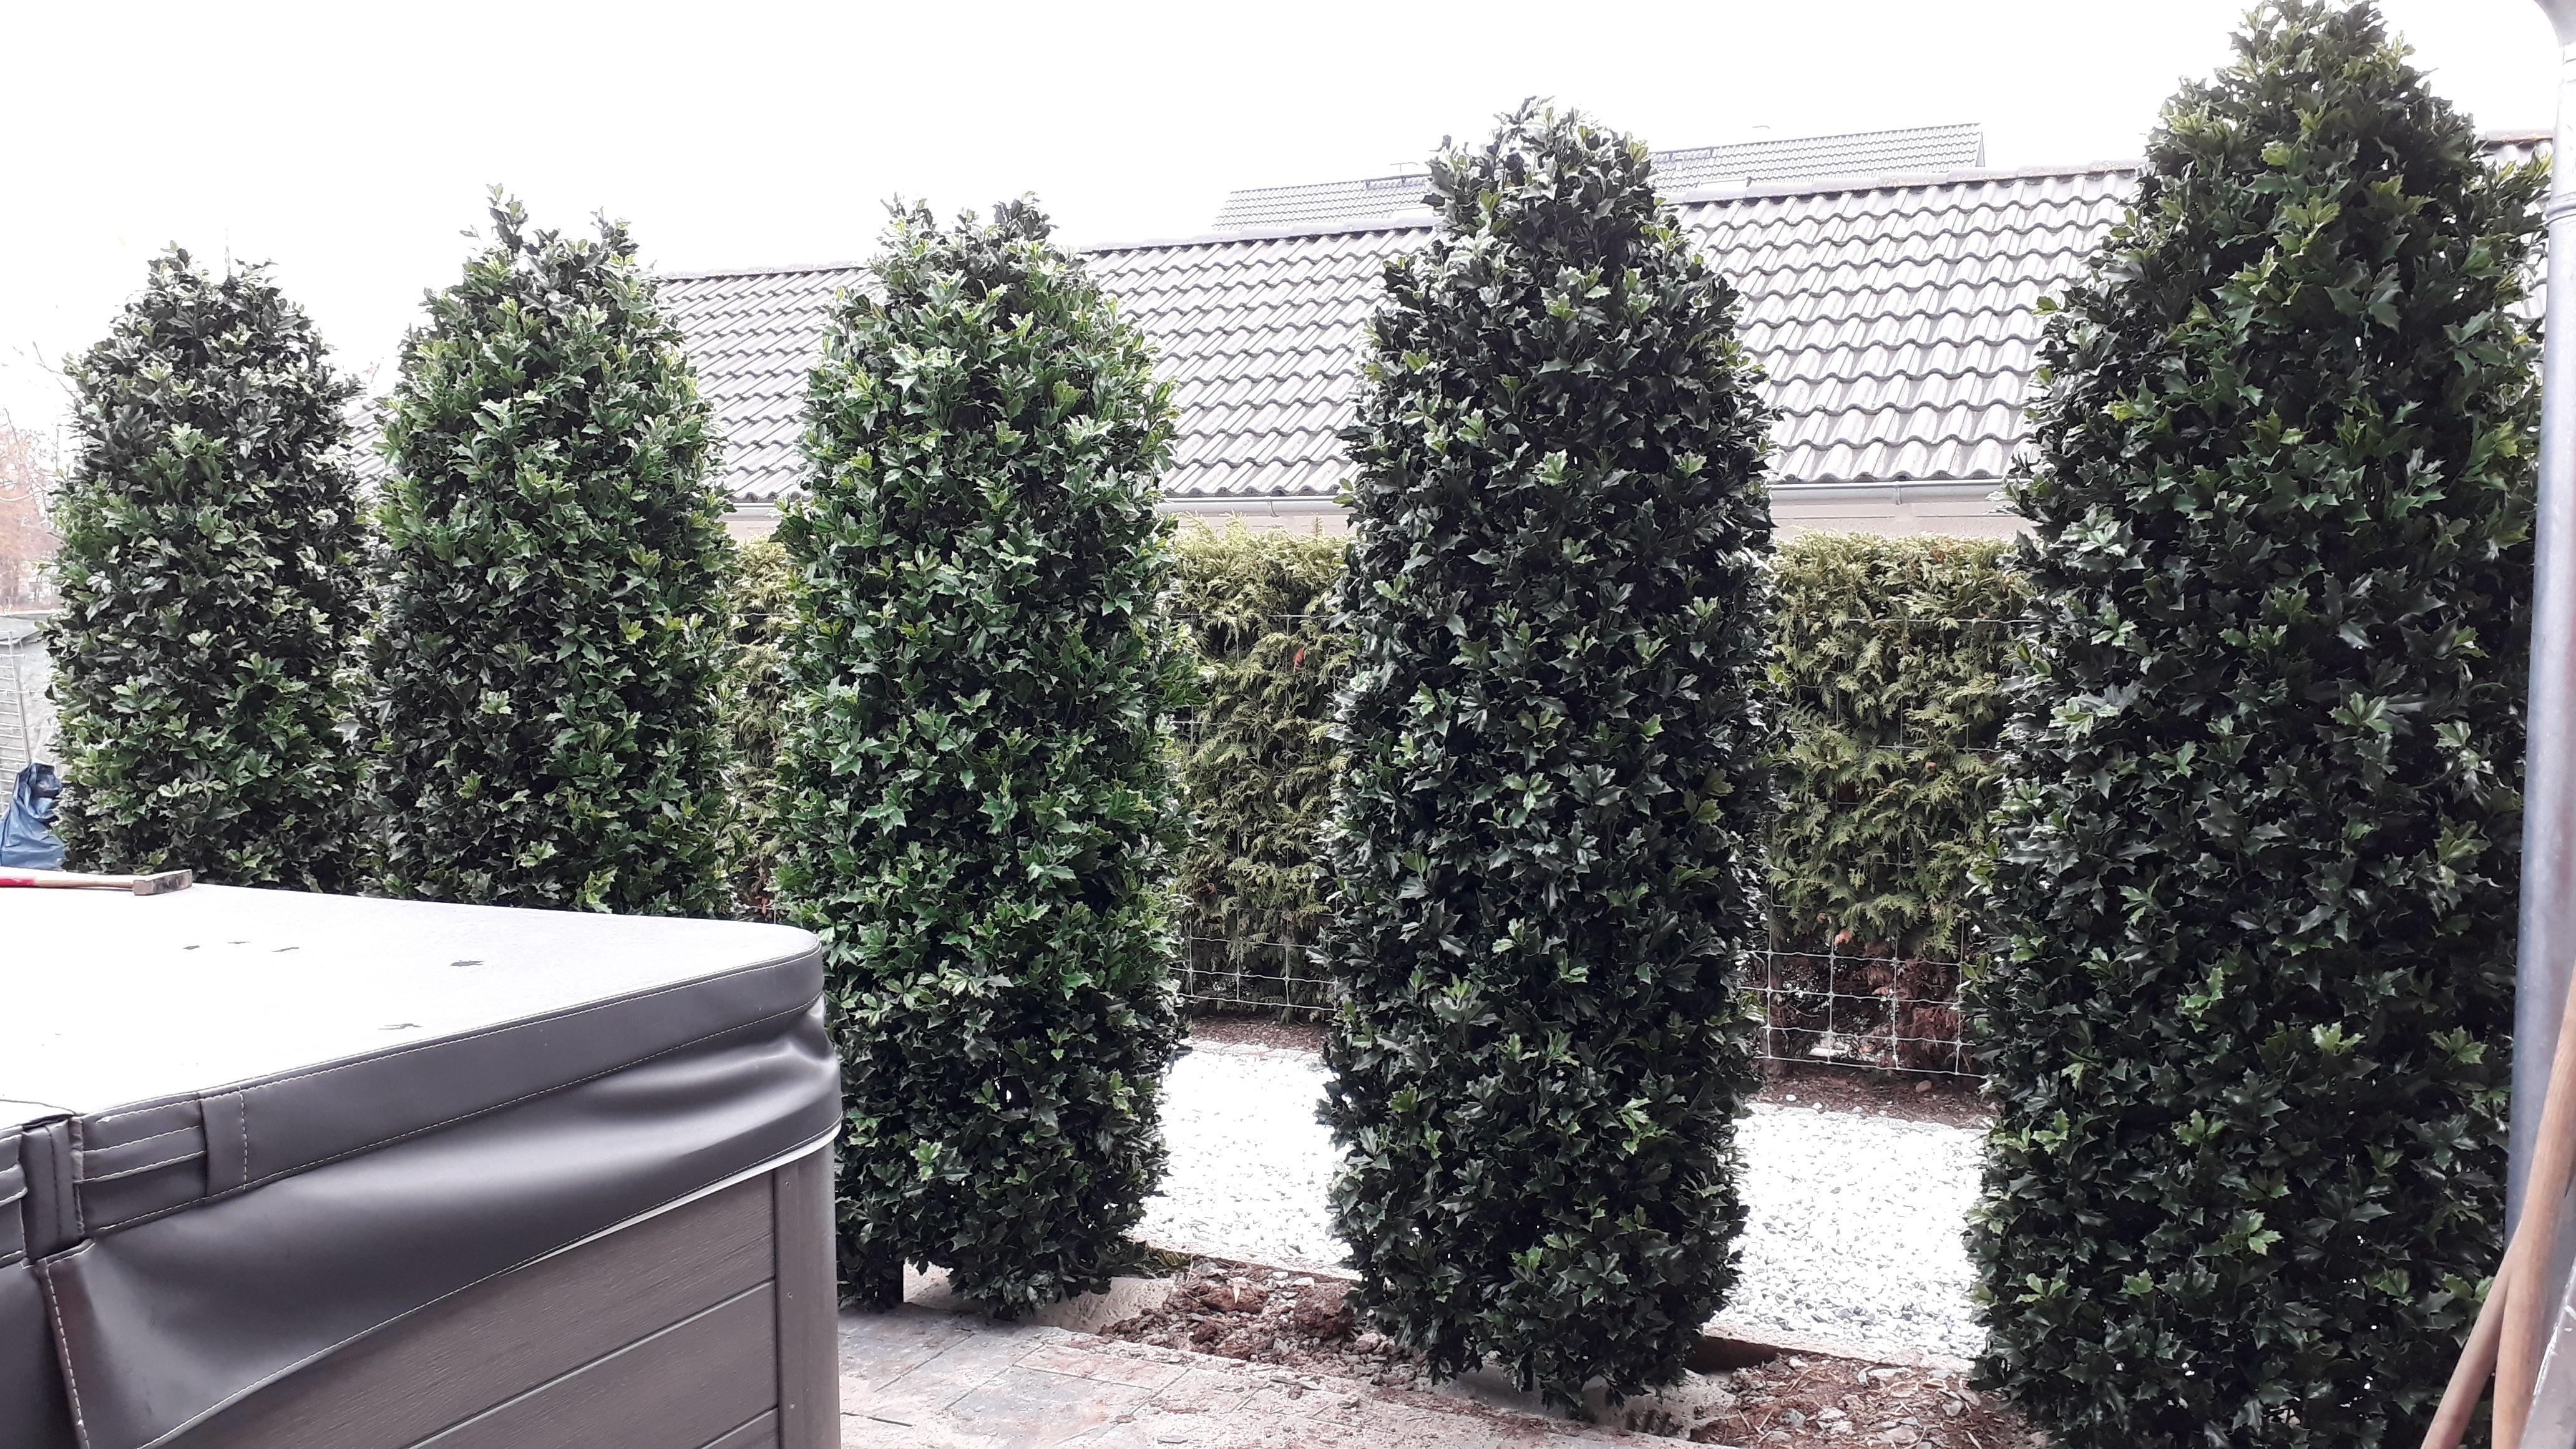 Individuelle Wetterfeste Kunstpflanzen Bellaplanta Garten